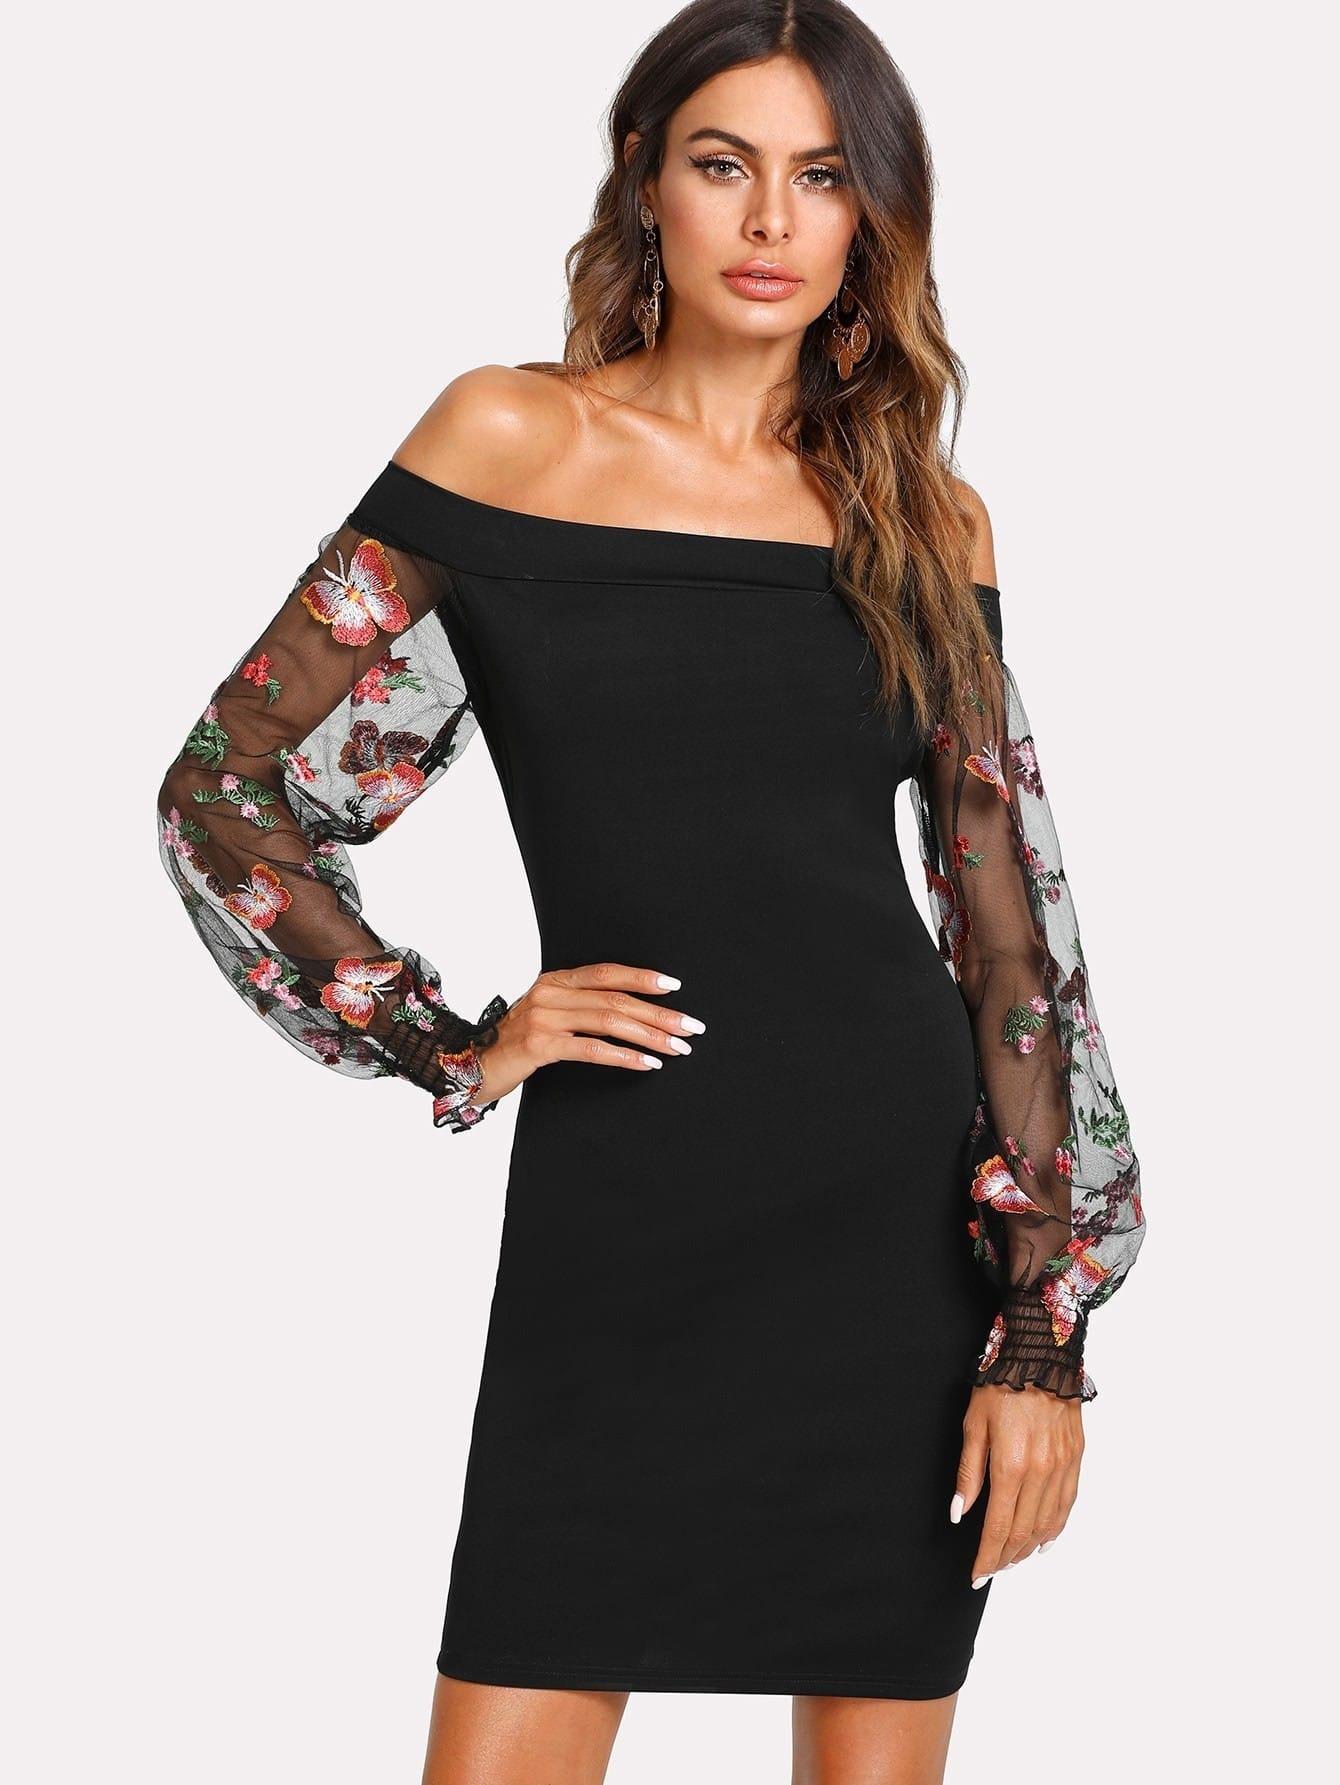 Embroidered Mesh Sleeve Bardot Dress bardot pencil dress with embroidered mesh sleeve